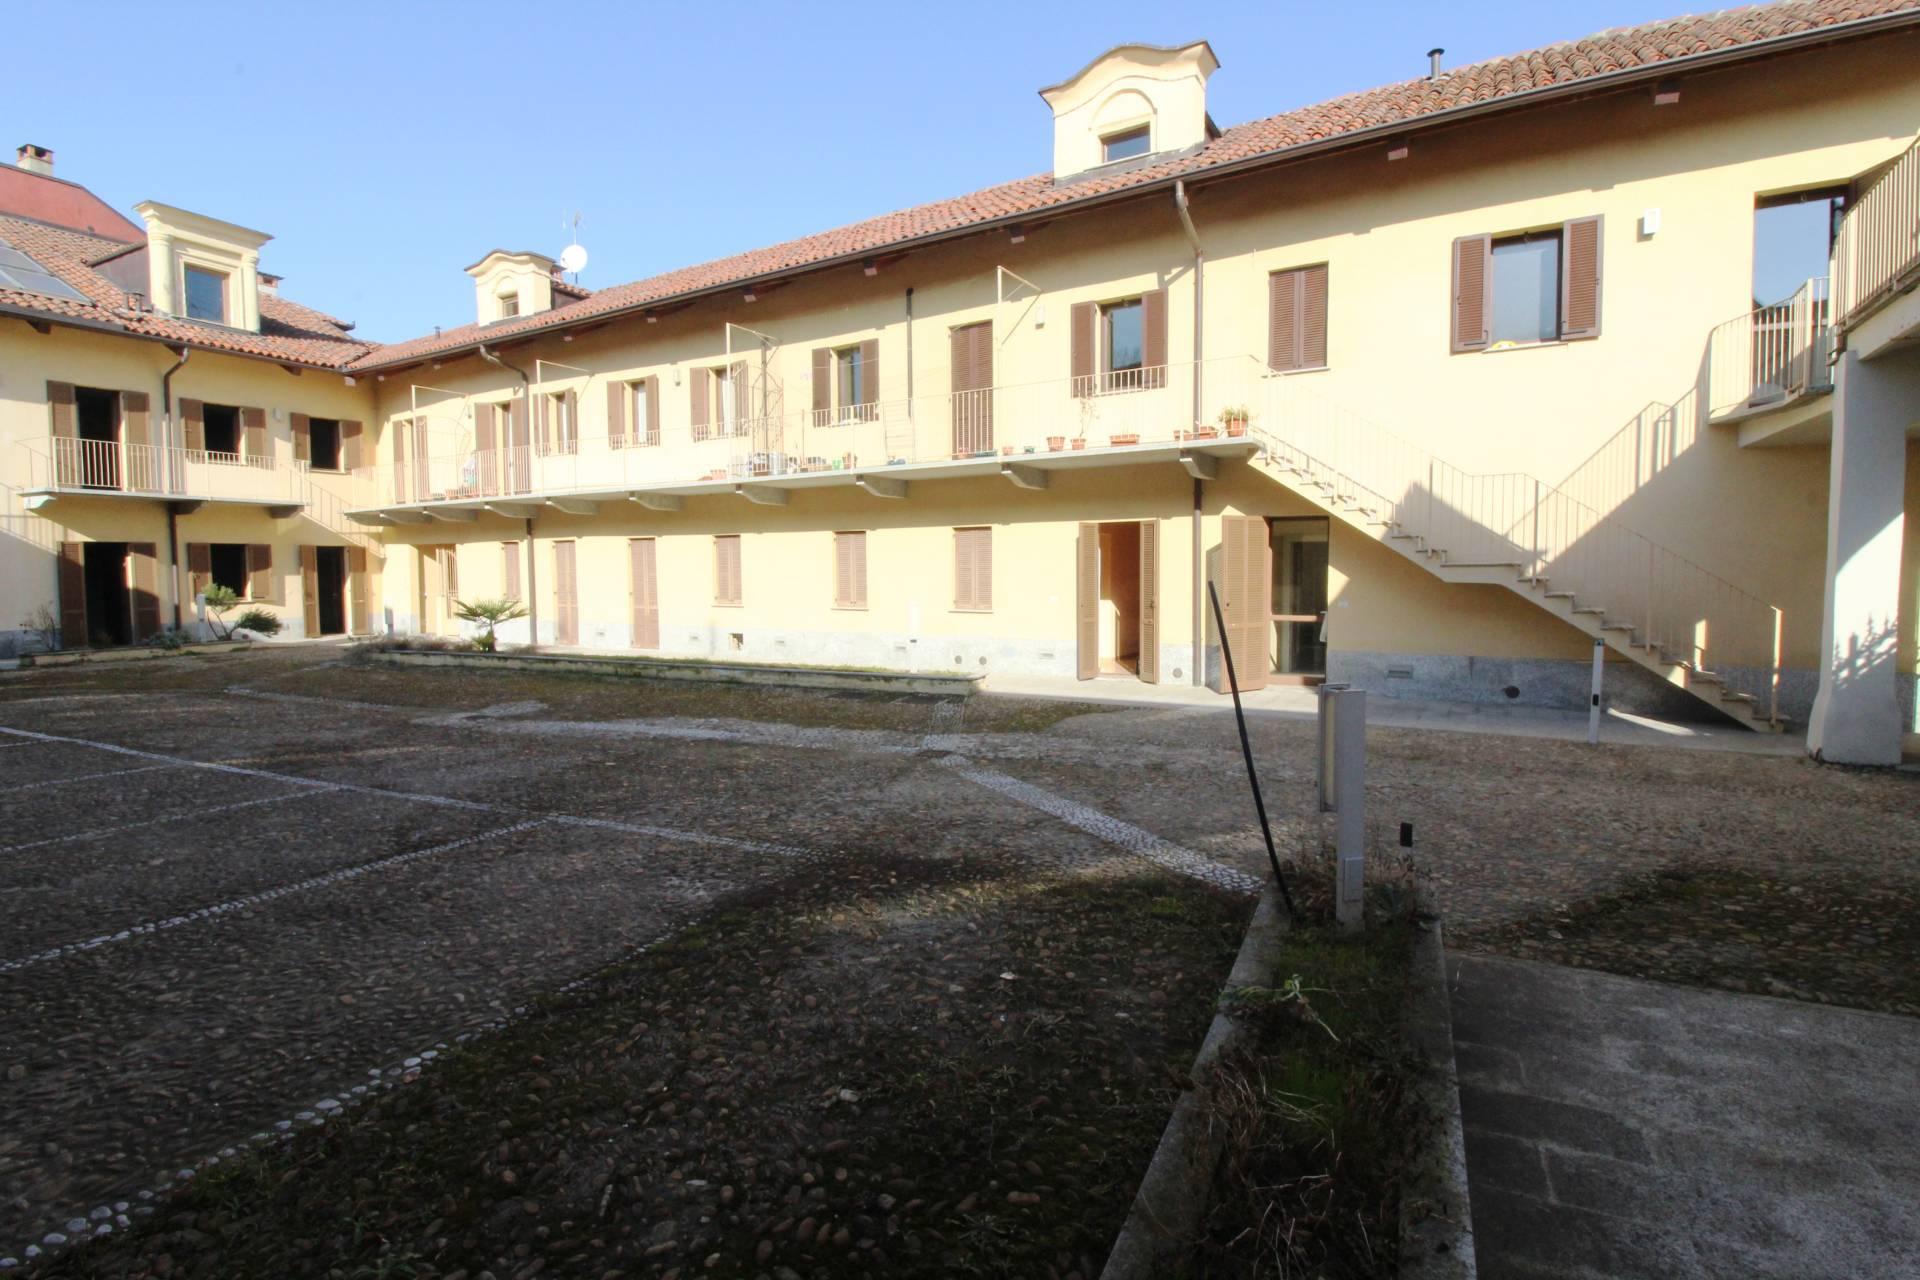 Appartamento in vendita a Venaria Reale, 3 locali, zona Località: CentroStorico, prezzo € 170.000 | CambioCasa.it